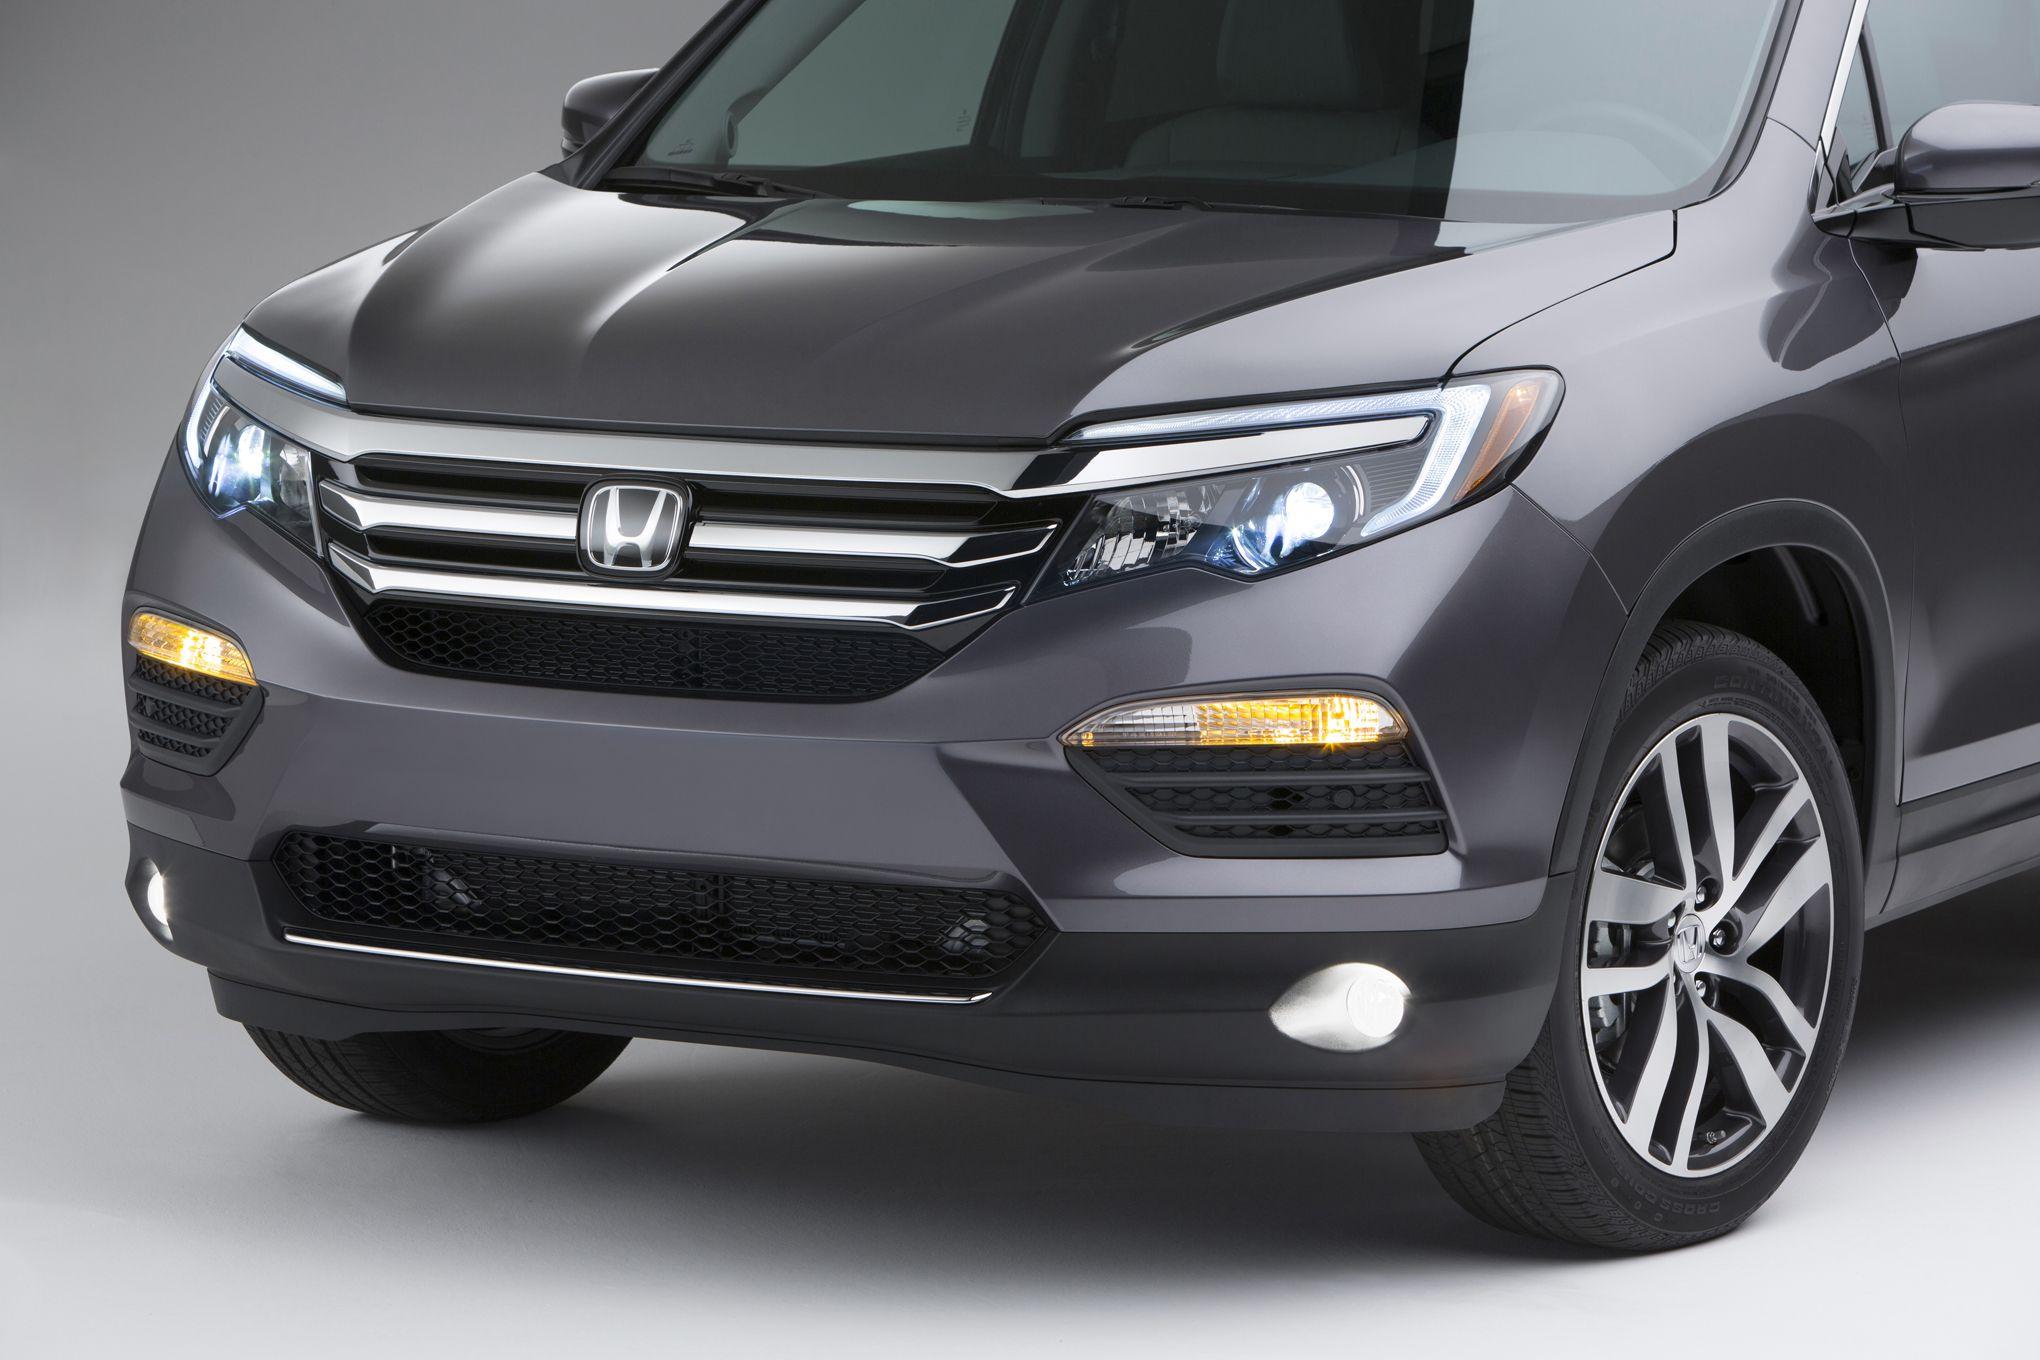 honda new car release dates2017 Honda Pilot Specs and Release Date  httpnewautocarhqcom